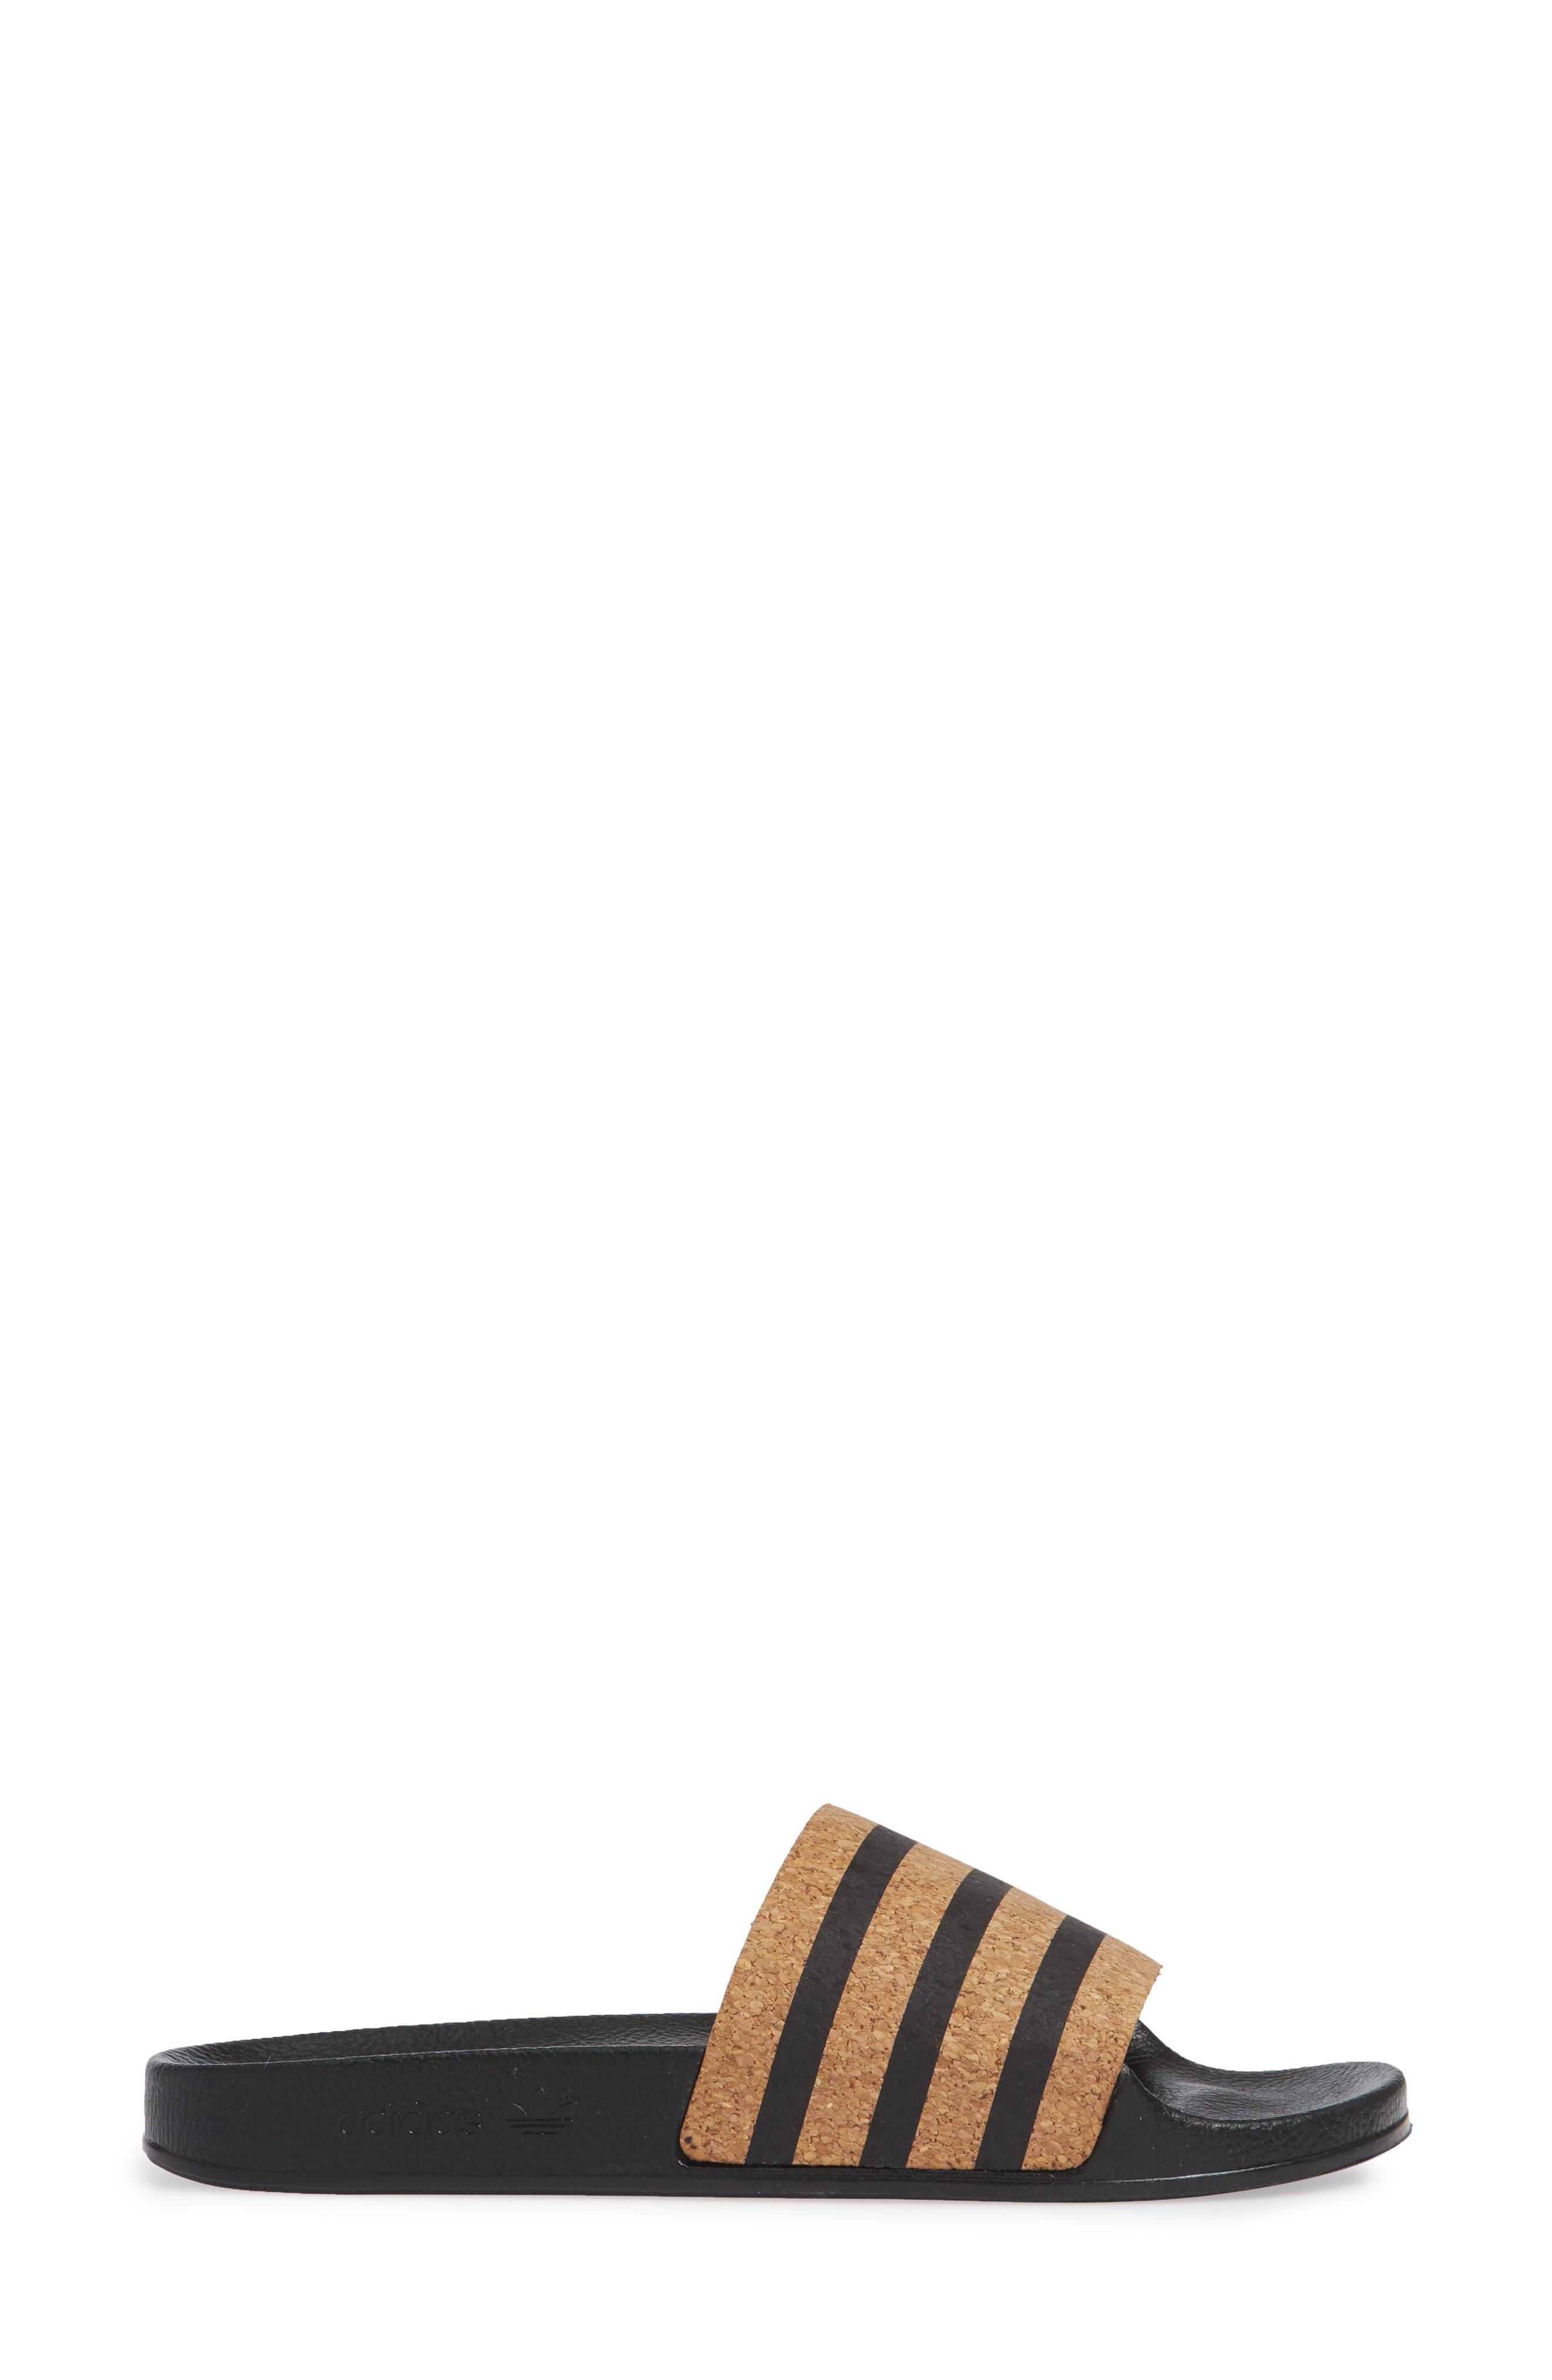 'Adilette' Slide Sandal,                             Alternate thumbnail 3, color,                             CORE BLACK/ CORE BLACK